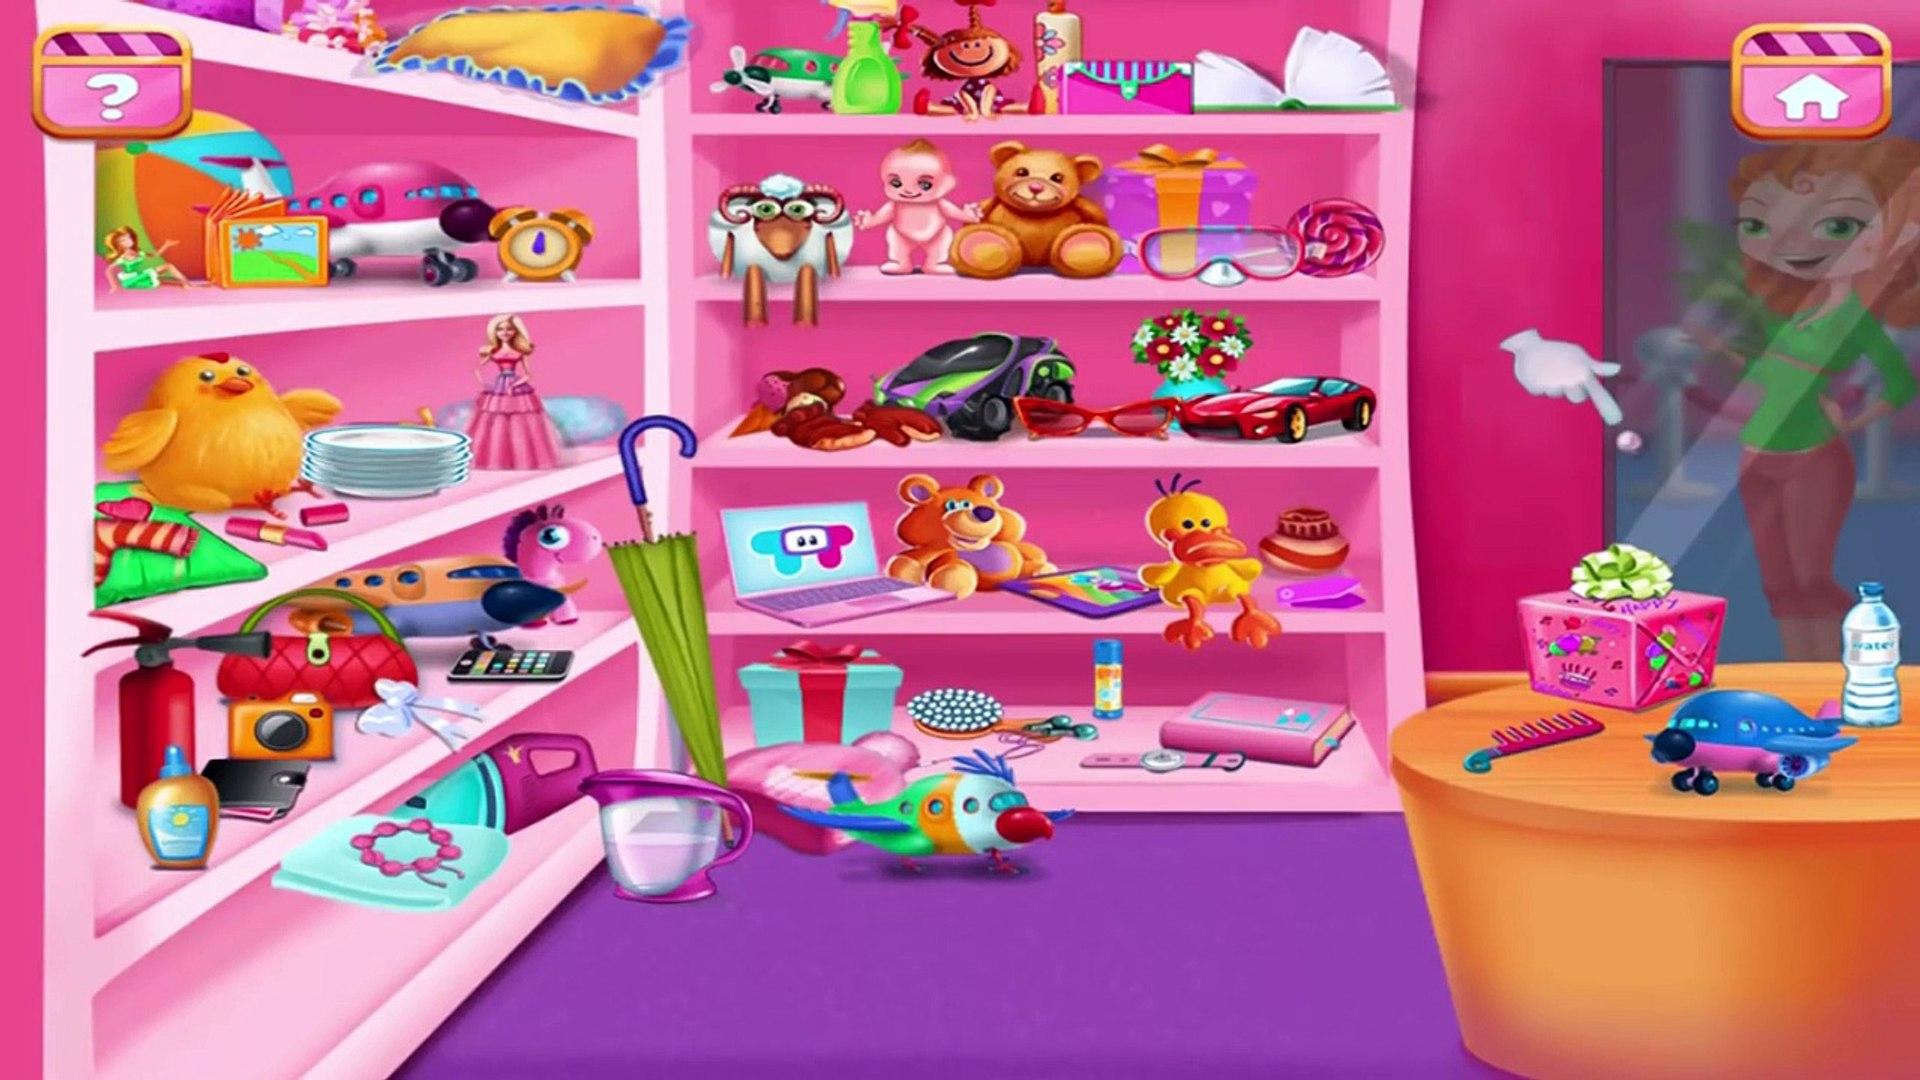 Fun Play Kids Movie Night Games